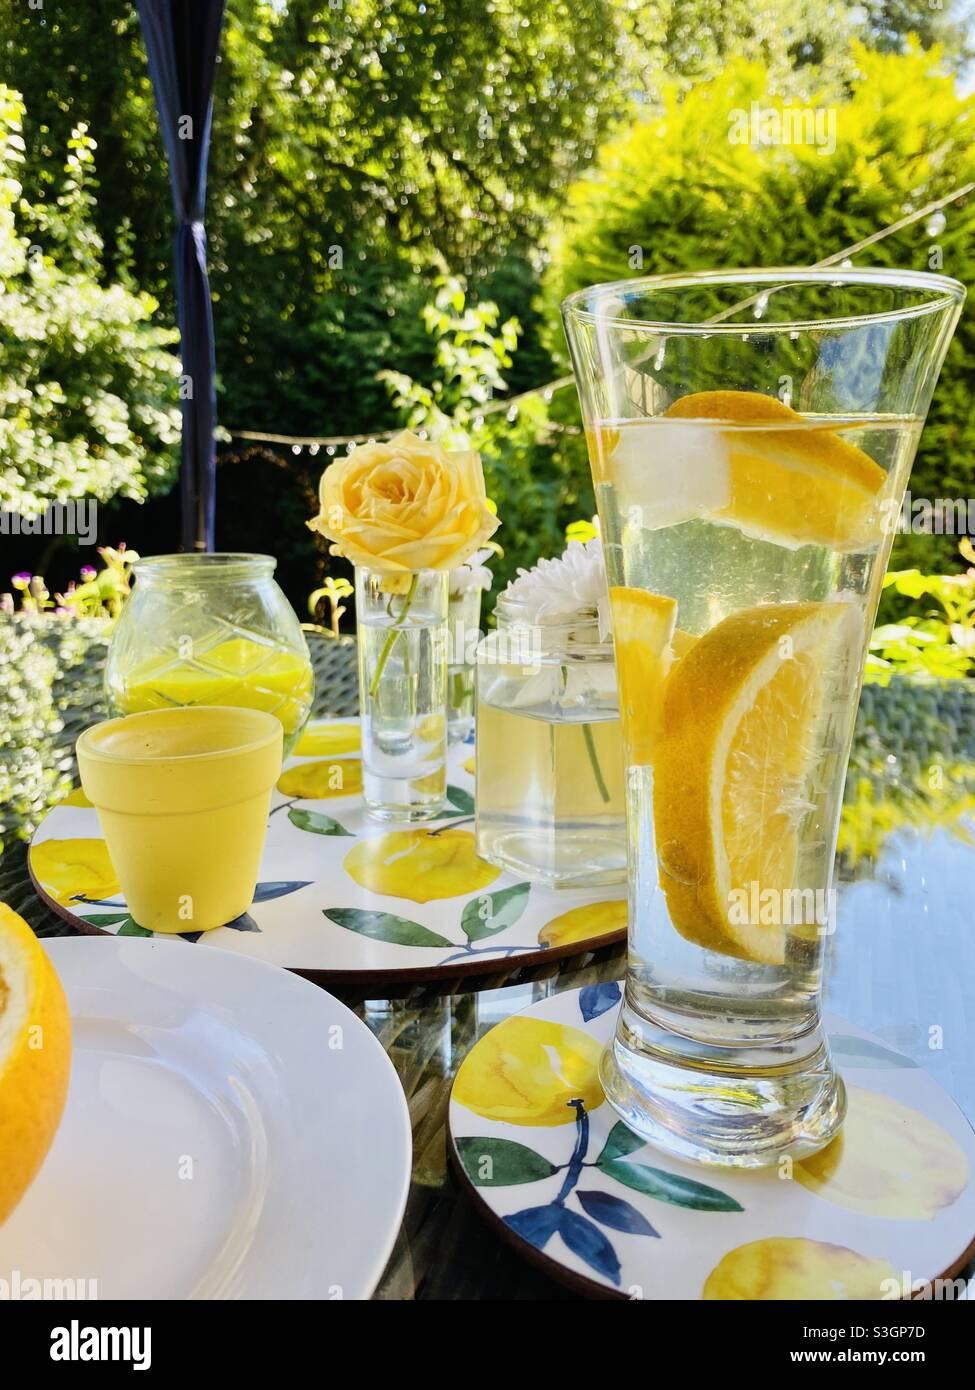 una bevanda al limone in giardino in una giornata di sole ☀️ 🍋 Foto Stock